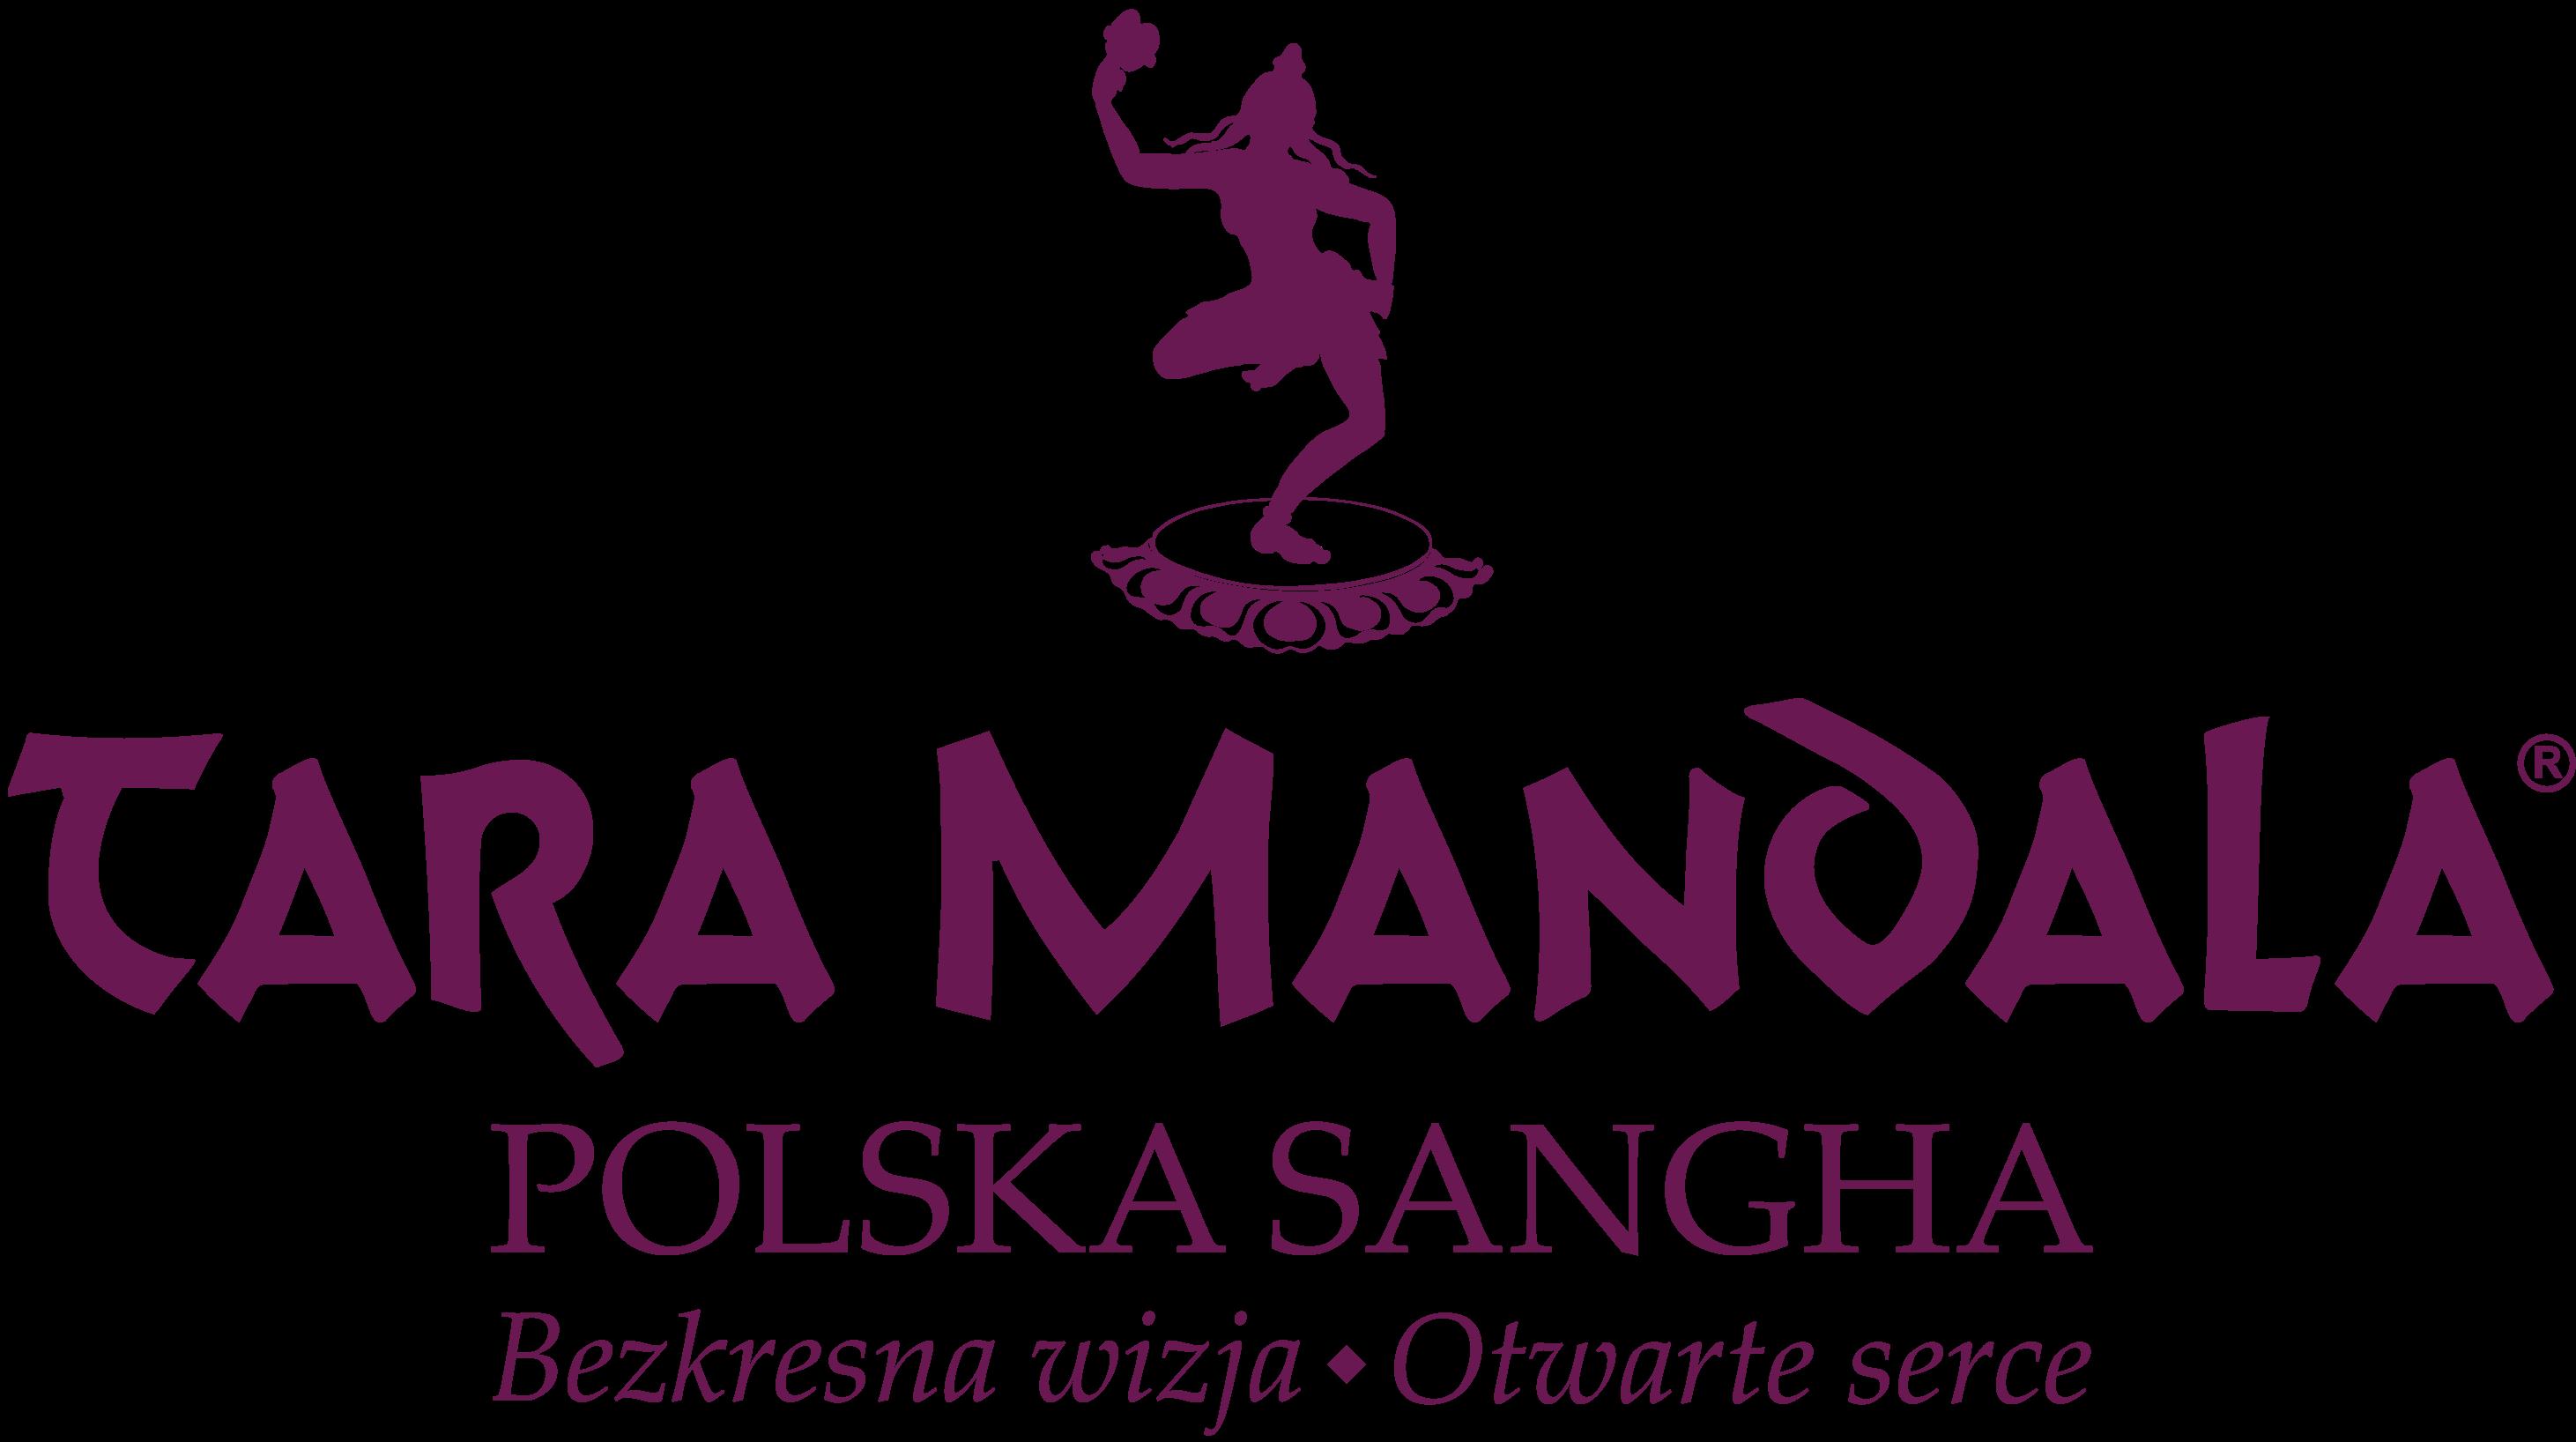 Tara Mandala Polska Sangha